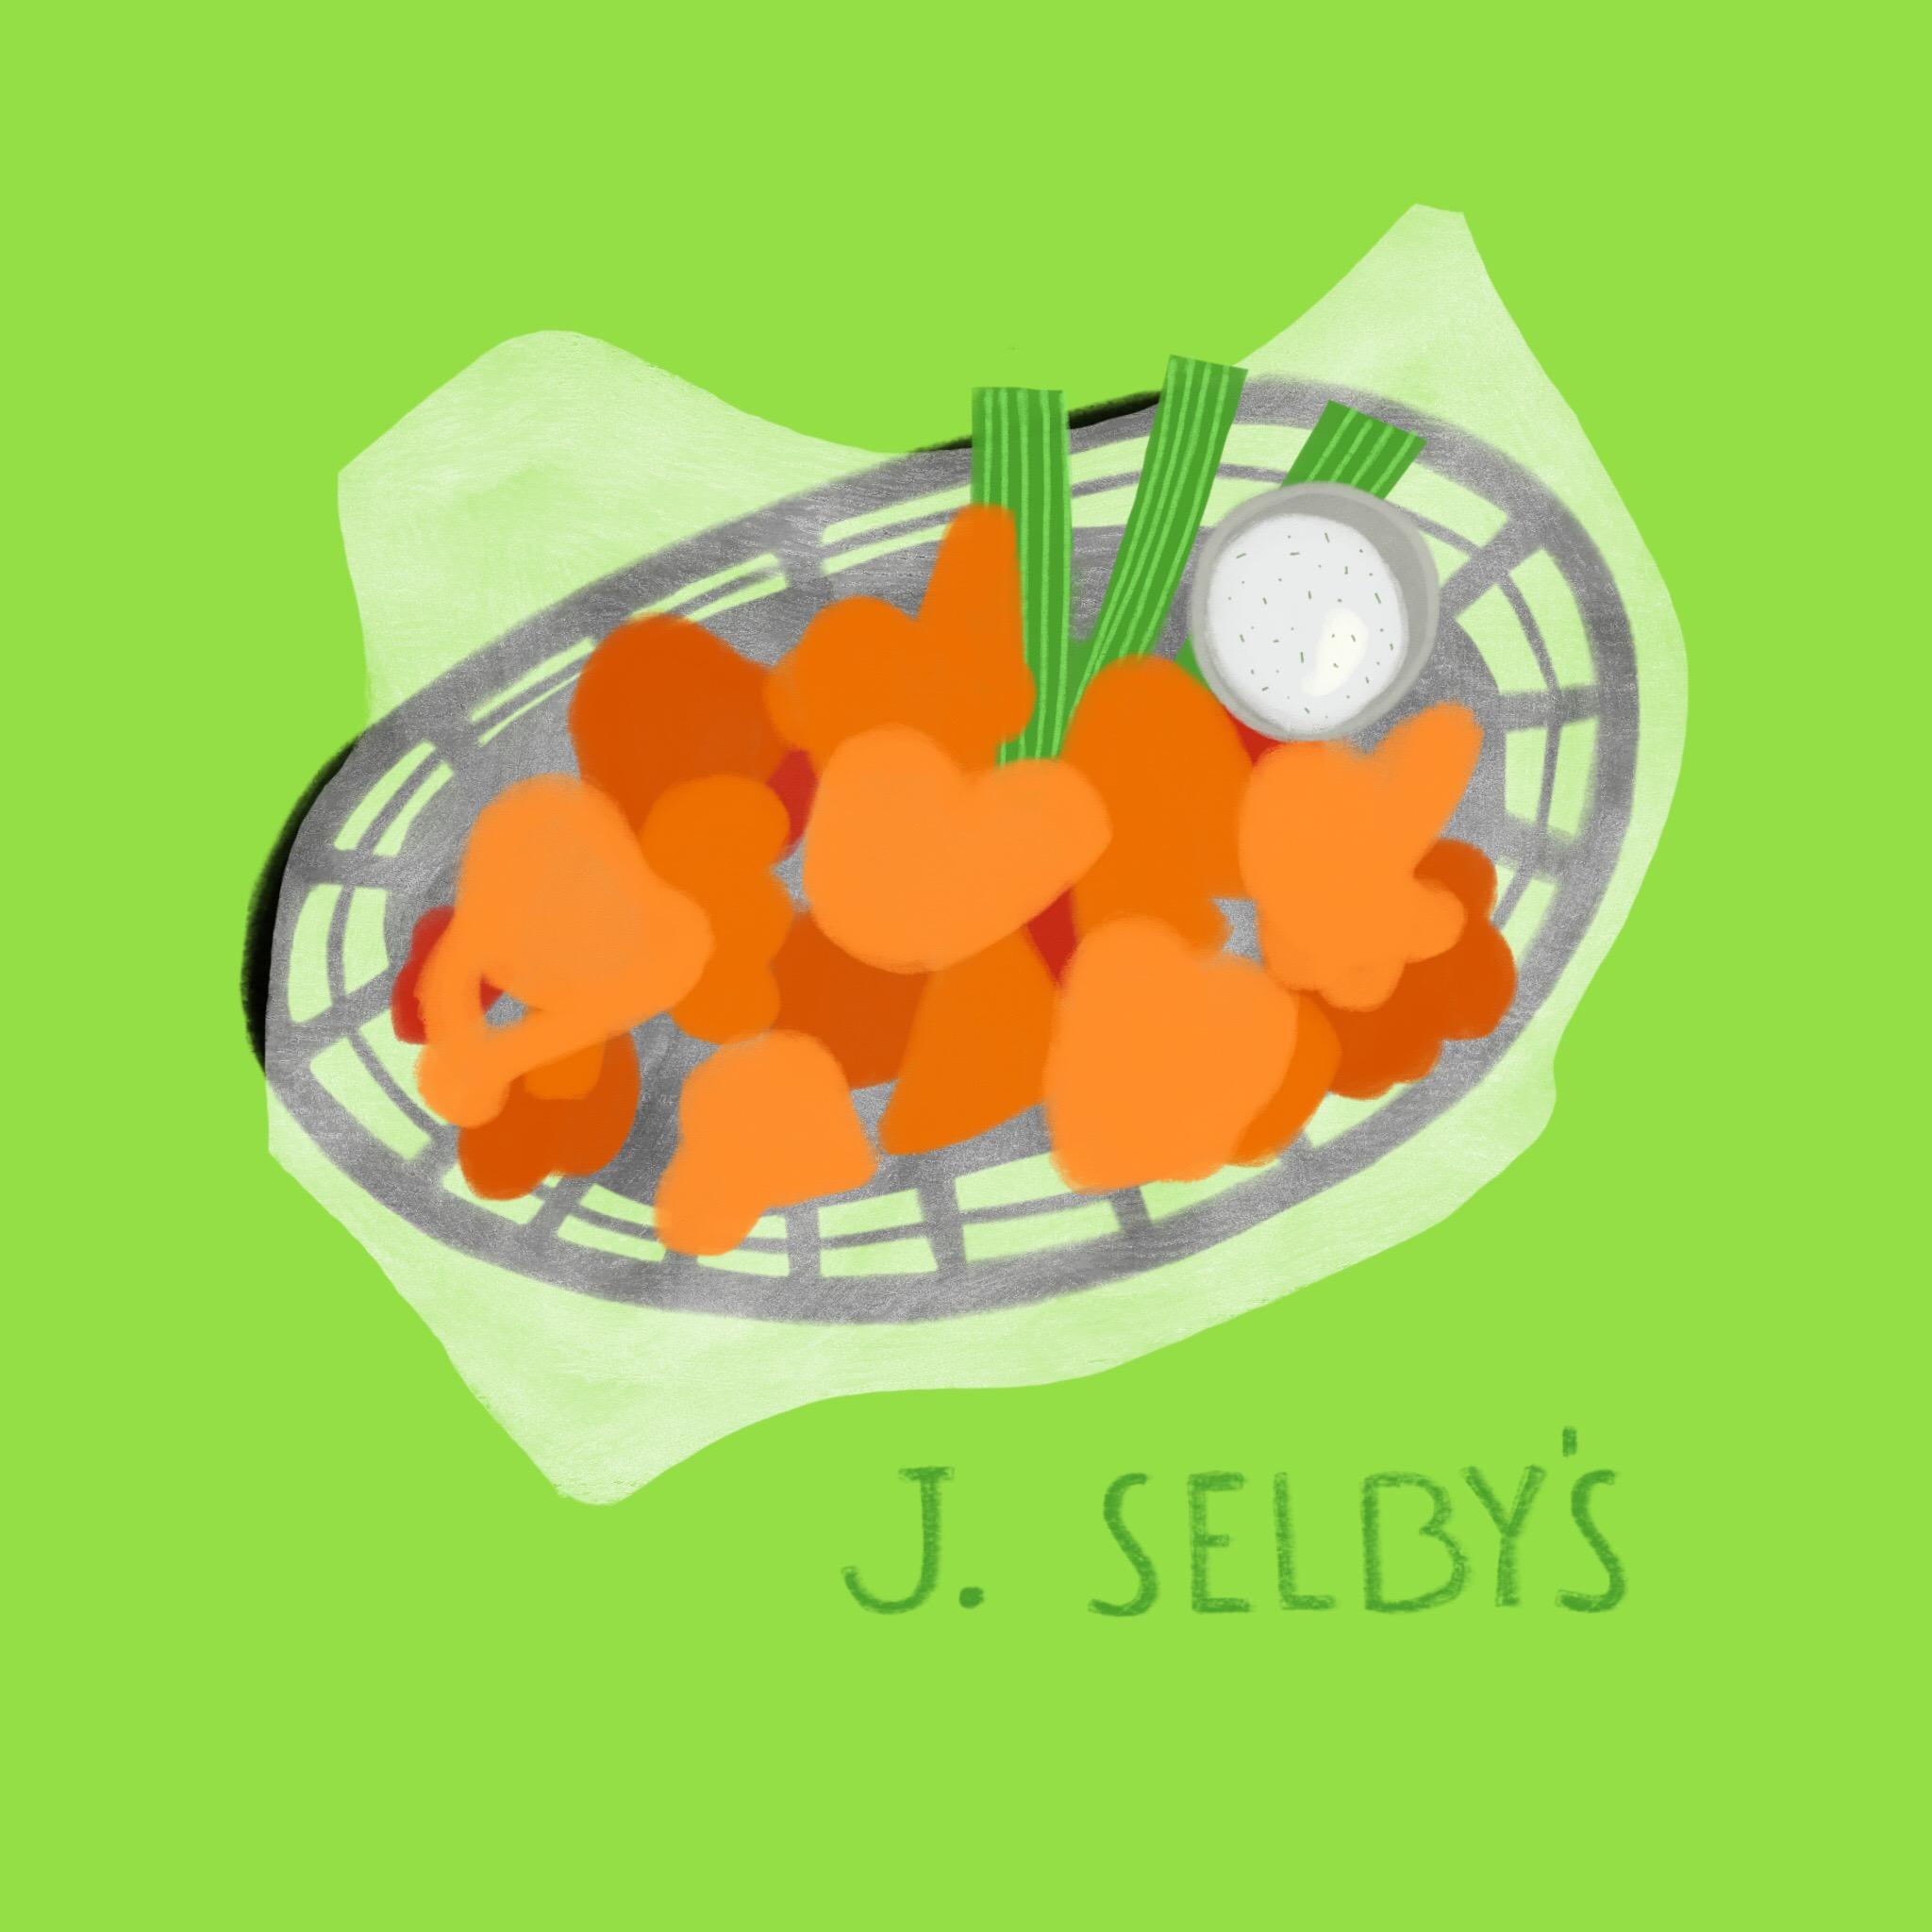 43_-_J._Selby's.jpg